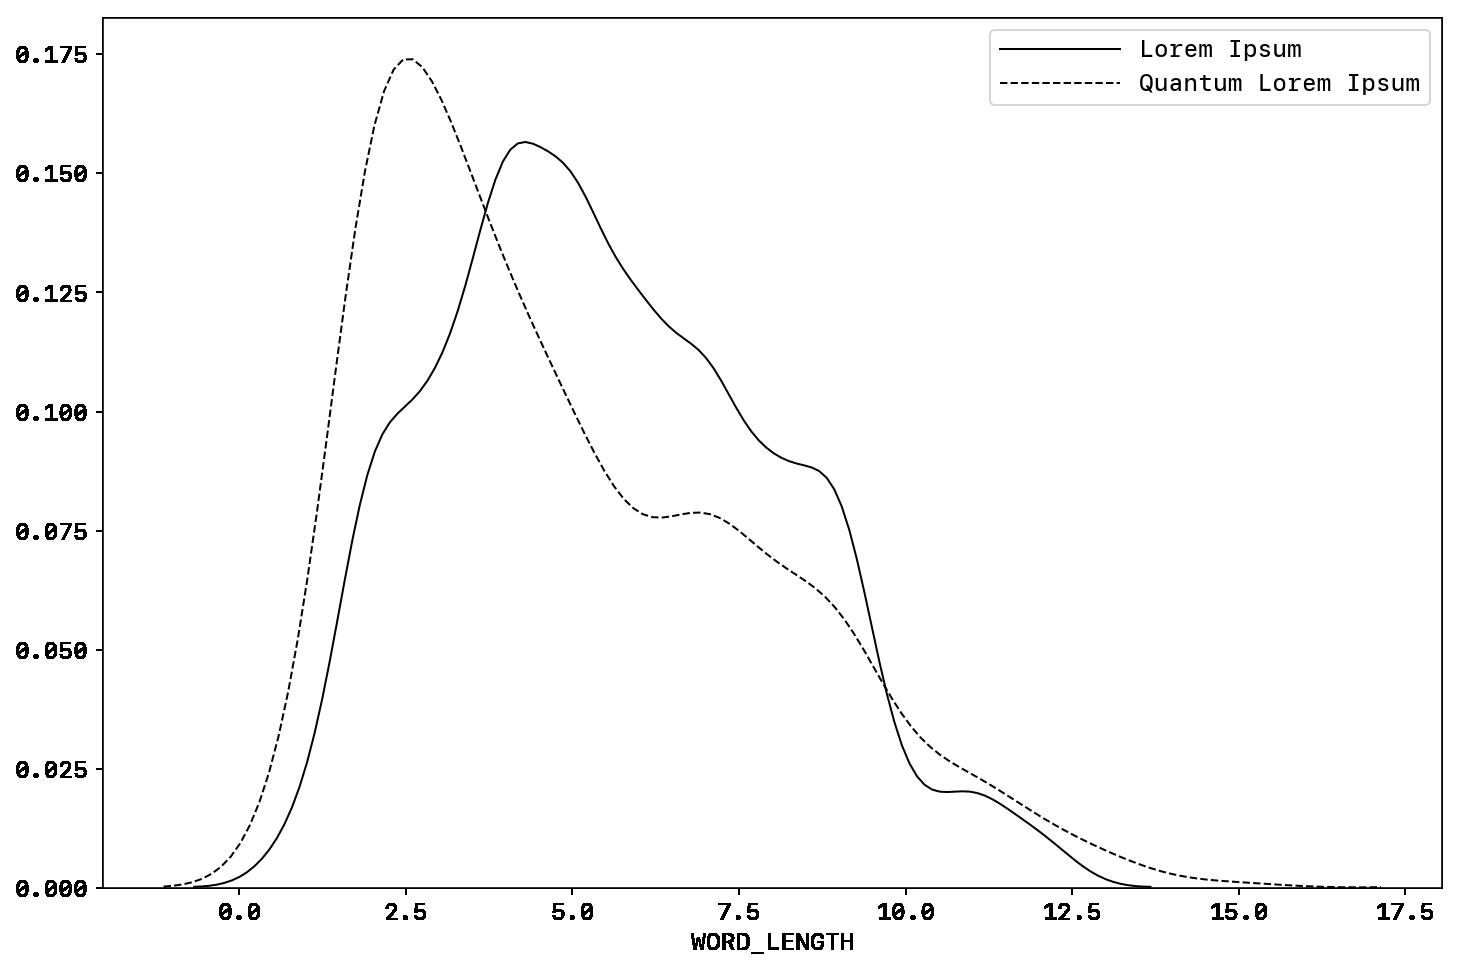 Word Length Distribution